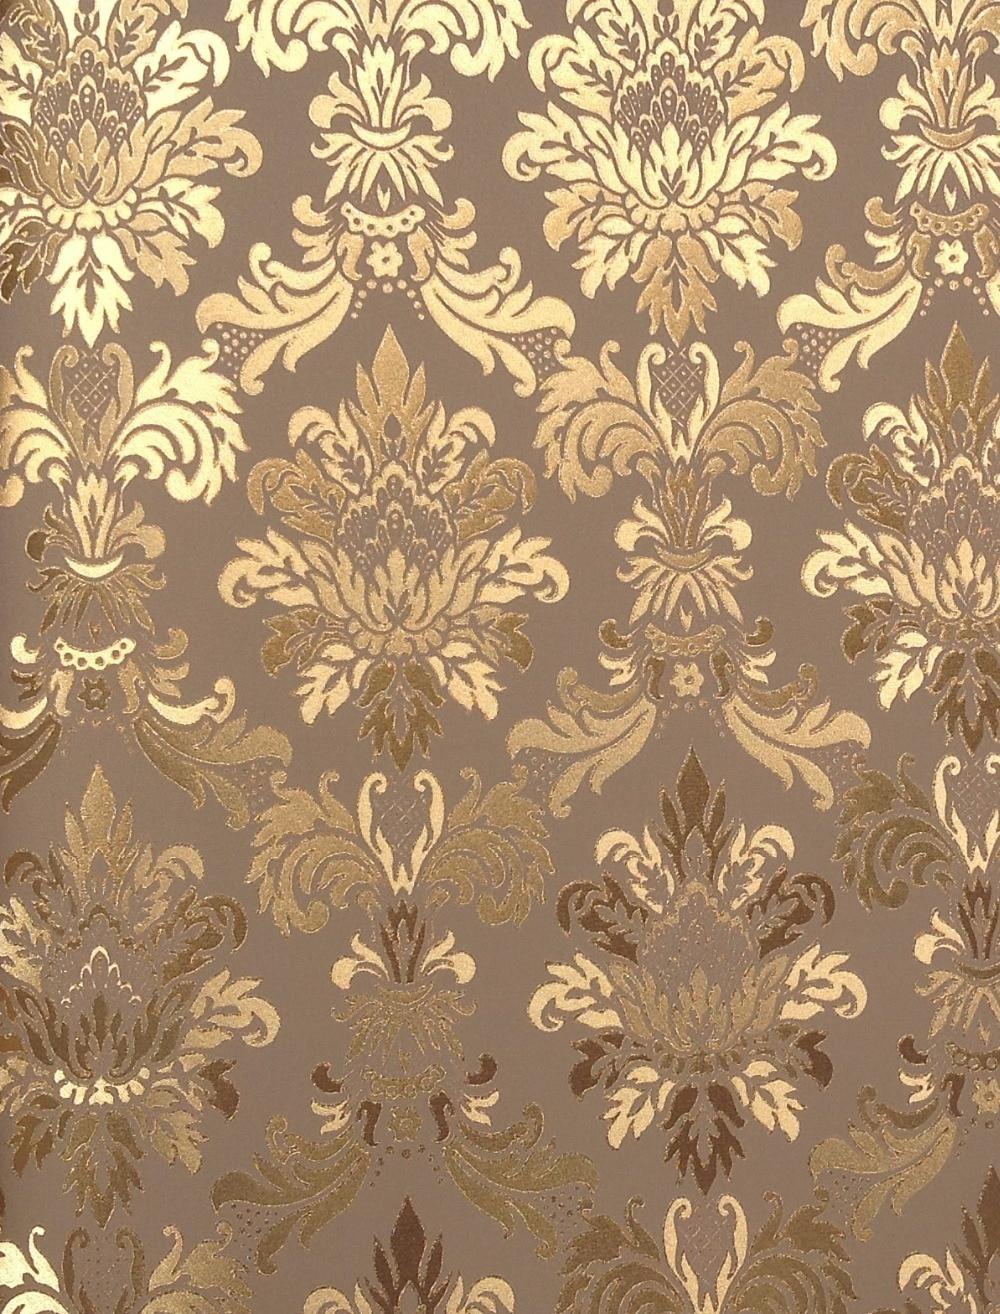 Decorative Wall Paper Big Pattern